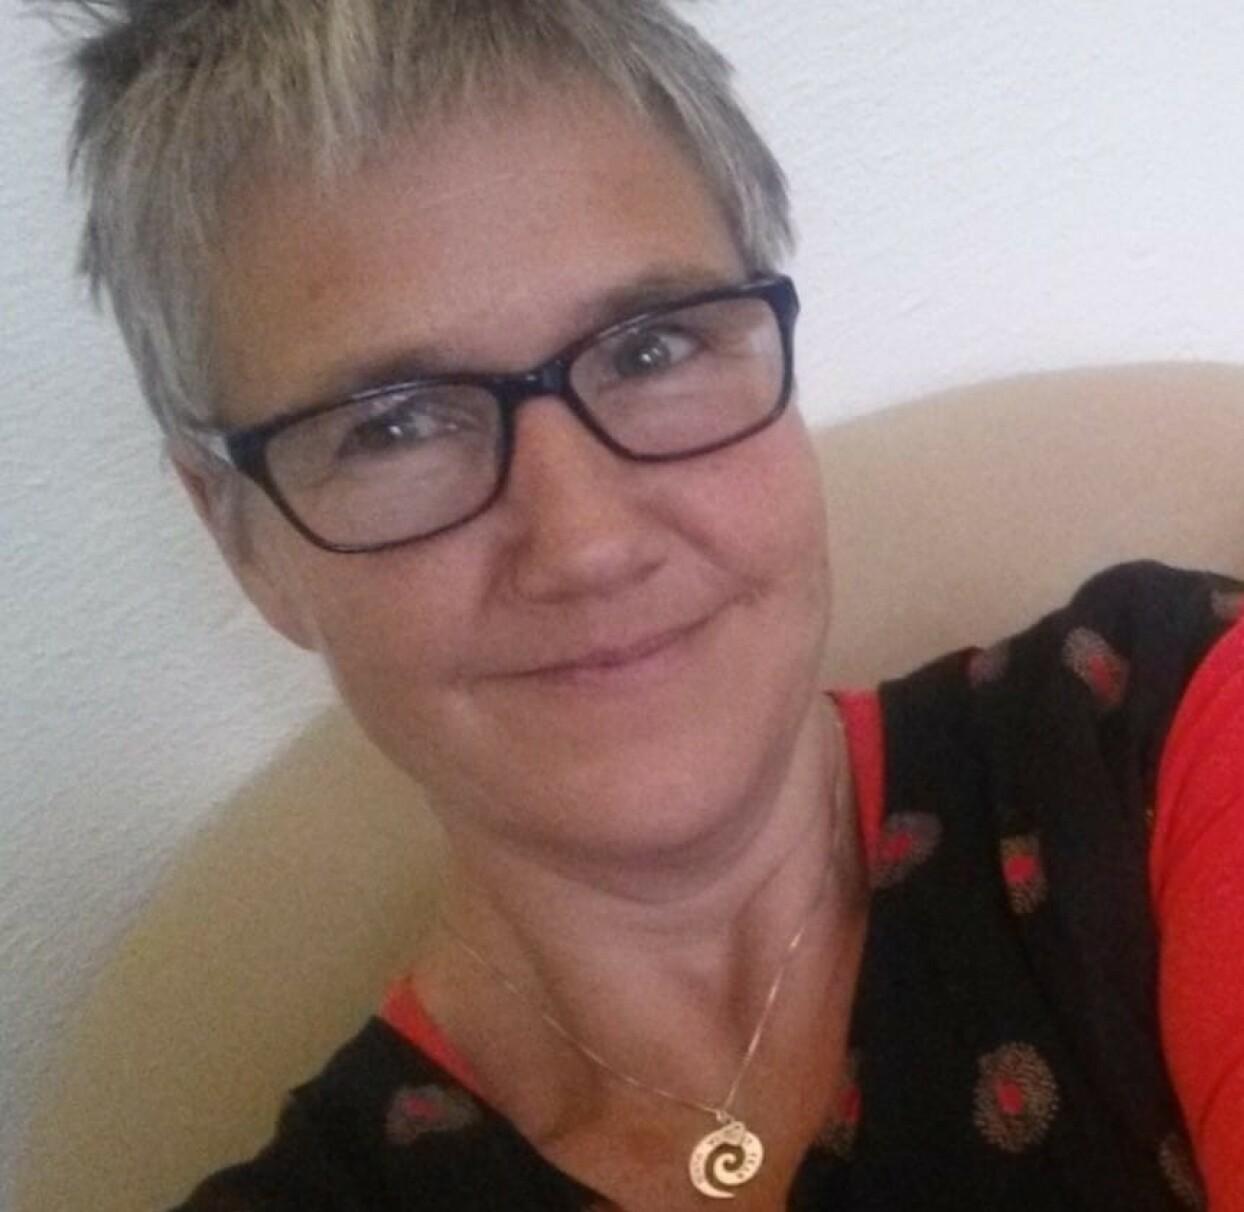 JORDMOR: Cathrine Trulsvik er jordmor og driver nettstedet Jordmornaturligvis.no. FOTO: Privat